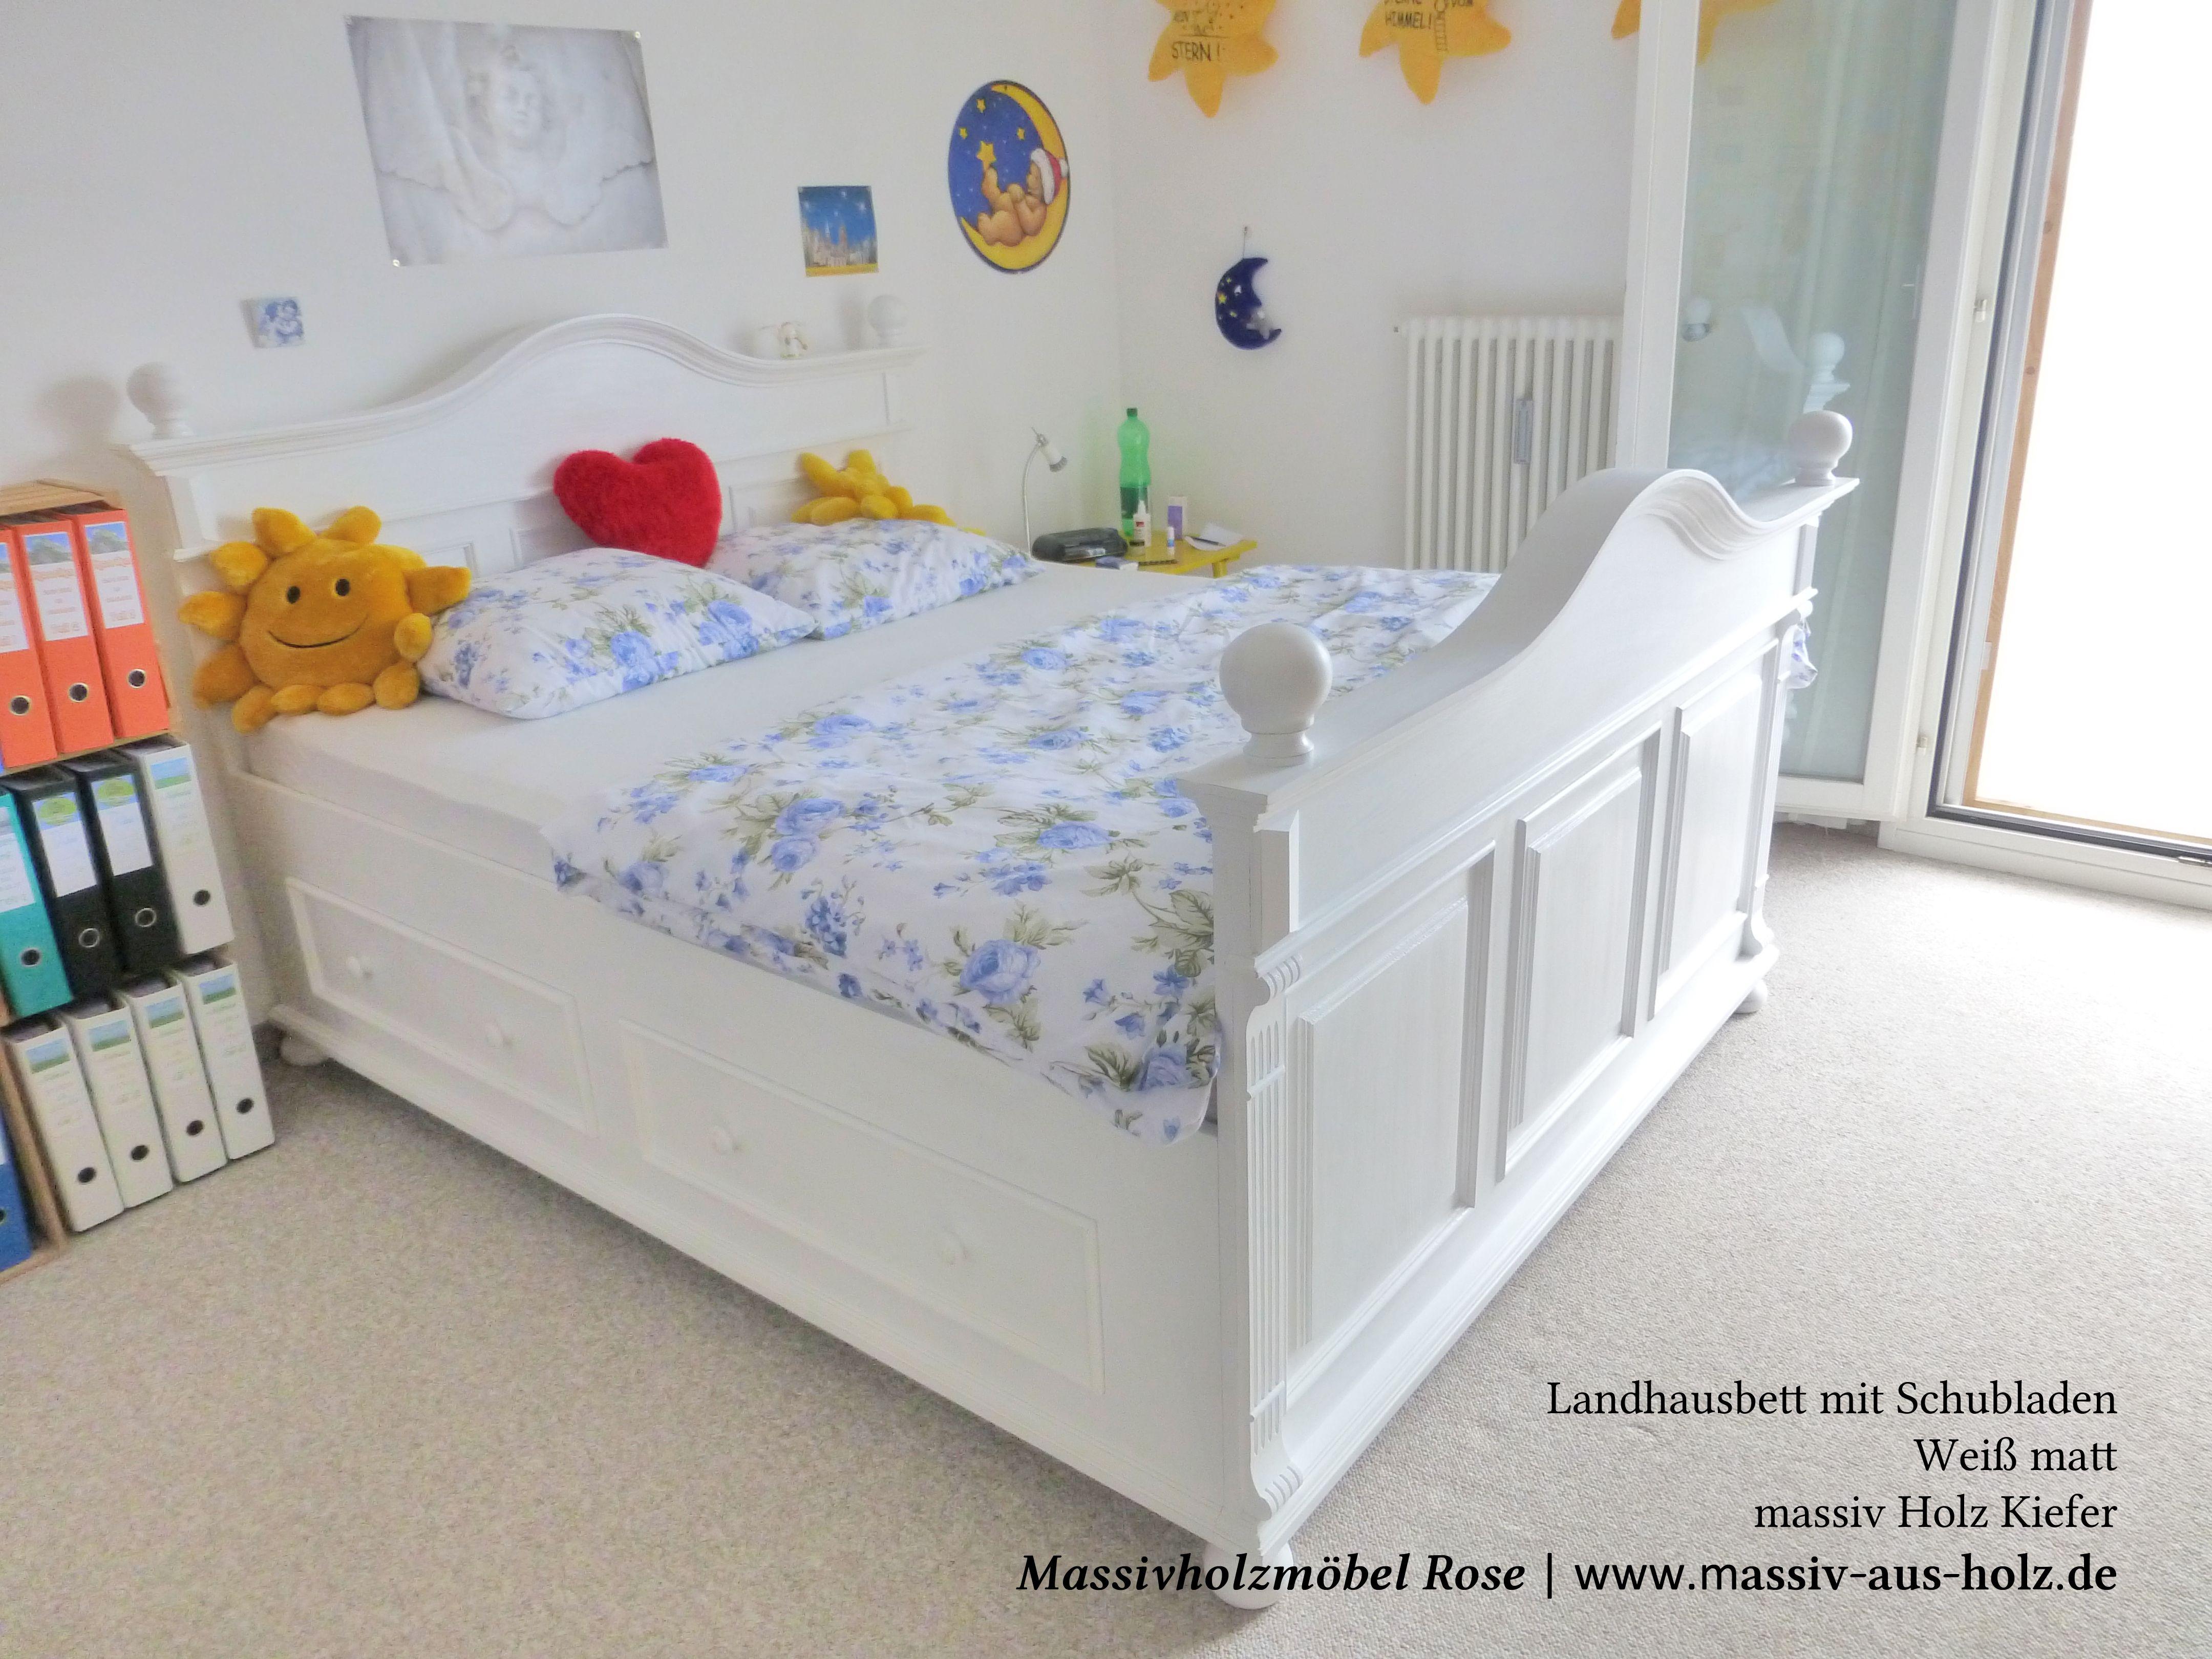 Einfache Dekoration Und Mobel Mehr Entspannung Im Schlafzimmer Mit Betten Im Landhausstil #20: Natürliche Massivholzmöbel In Kiefer - MASSIV AUS HOLZ